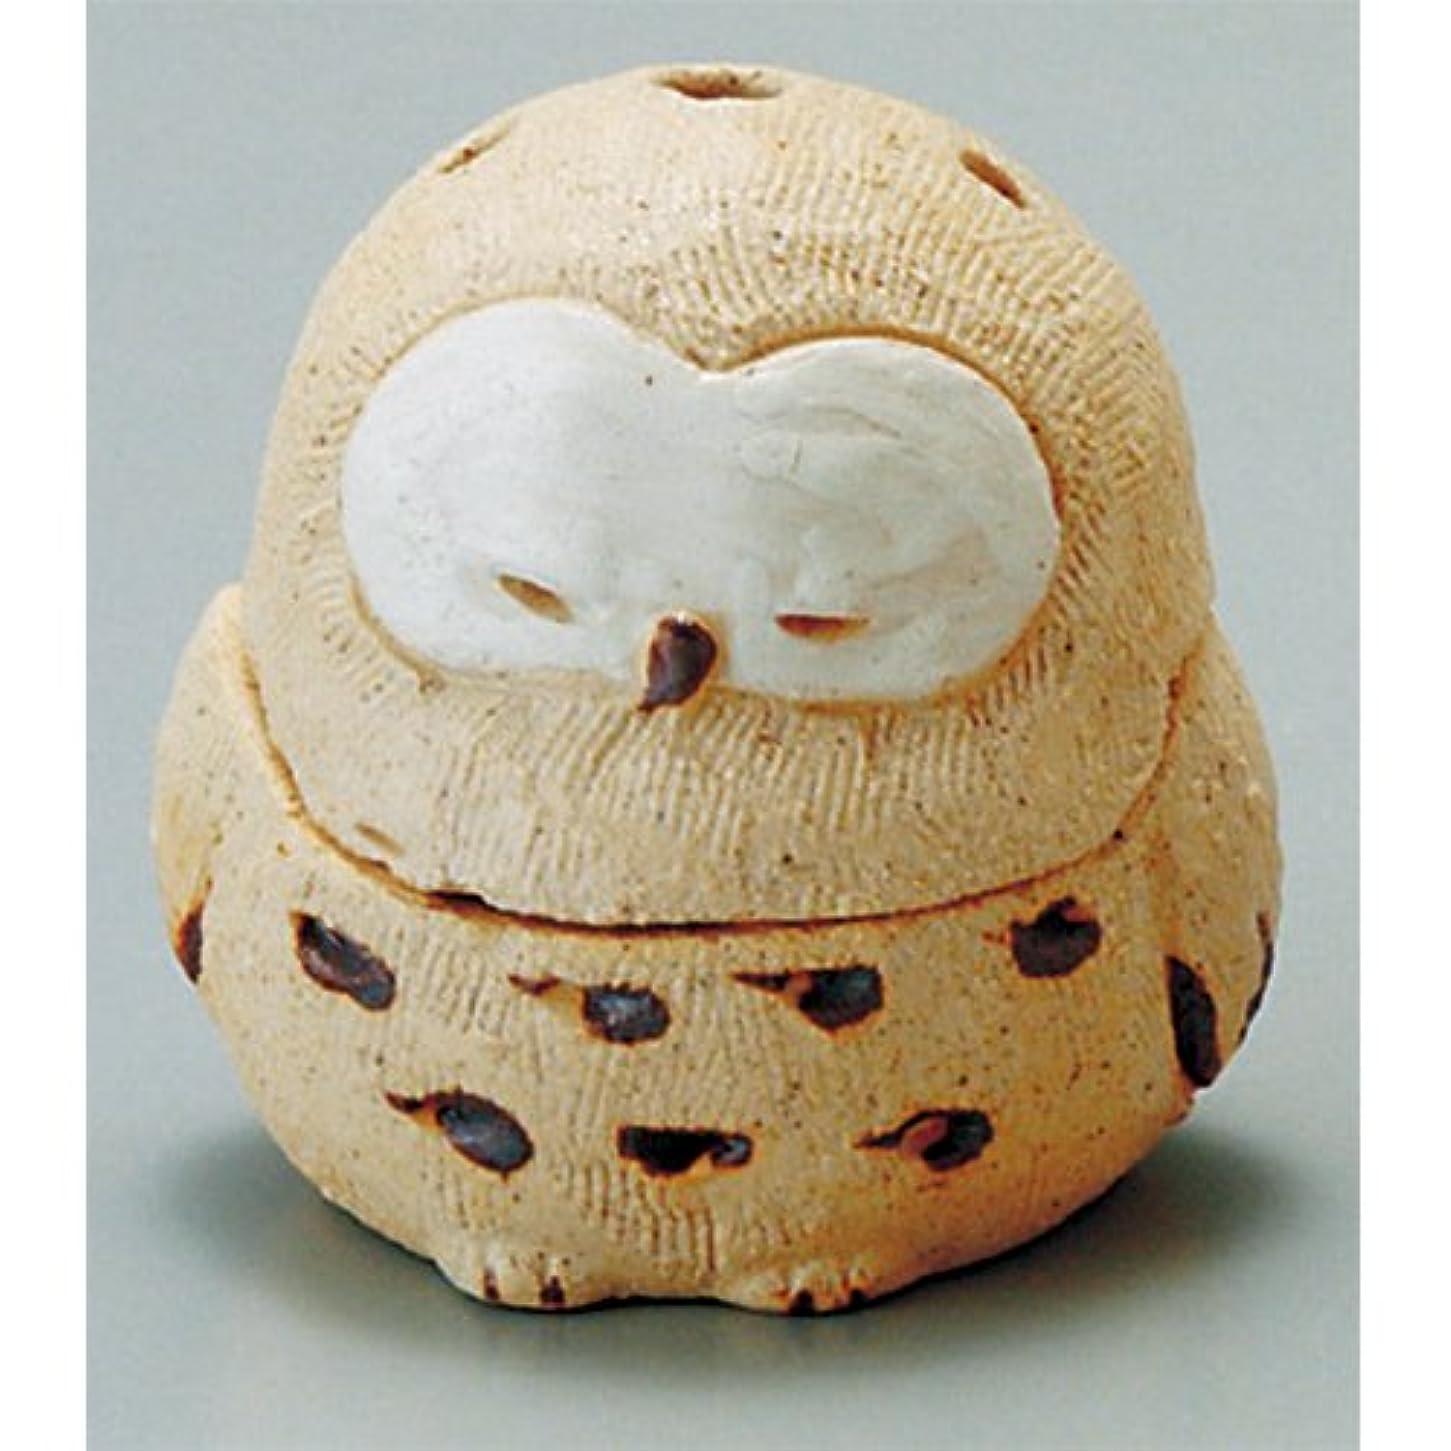 スクランブル対蛾香炉 蔵ふくろう 香炉(大) [H10.5cm] HANDMADE プレゼント ギフト 和食器 かわいい インテリア